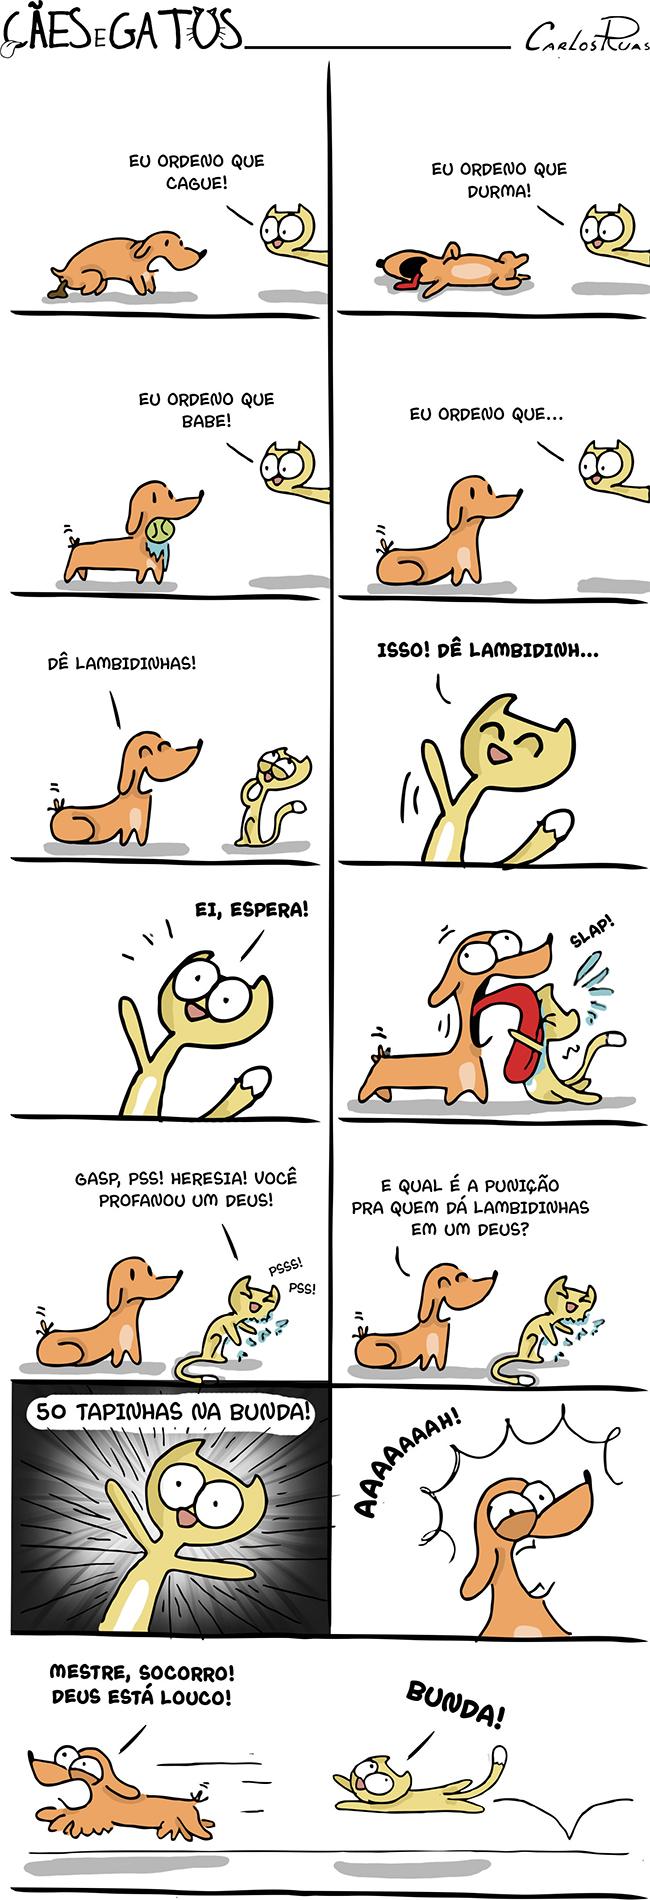 Cães e Gatos – Deeeeus gato! 4